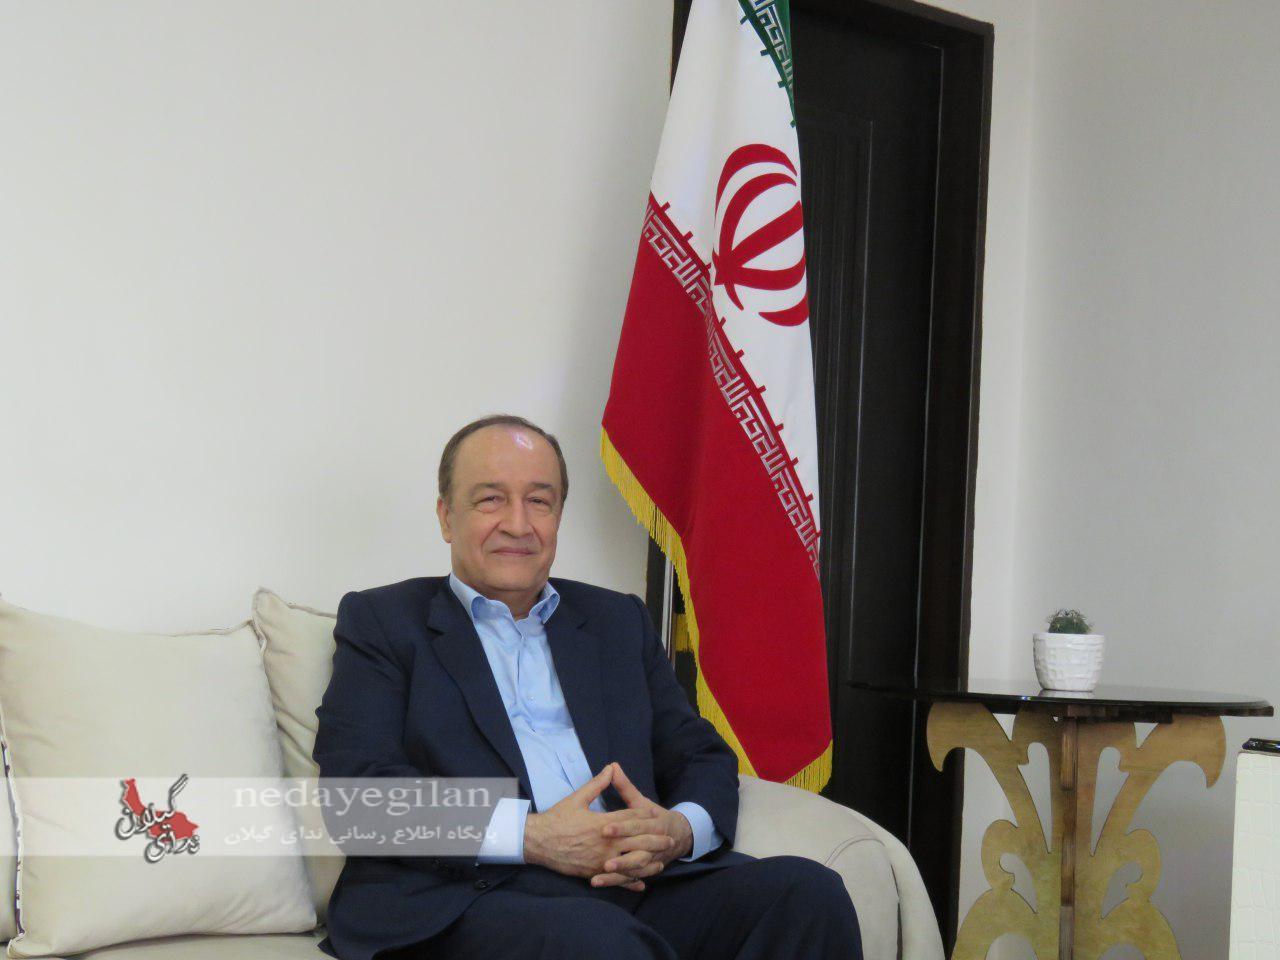 توهین به رئیس جمهور توهین به نظام جمهوری اسلامی است/شخصیت ها فارغ از مرزبندی های سیاسی این اعمال را محکوم کنند